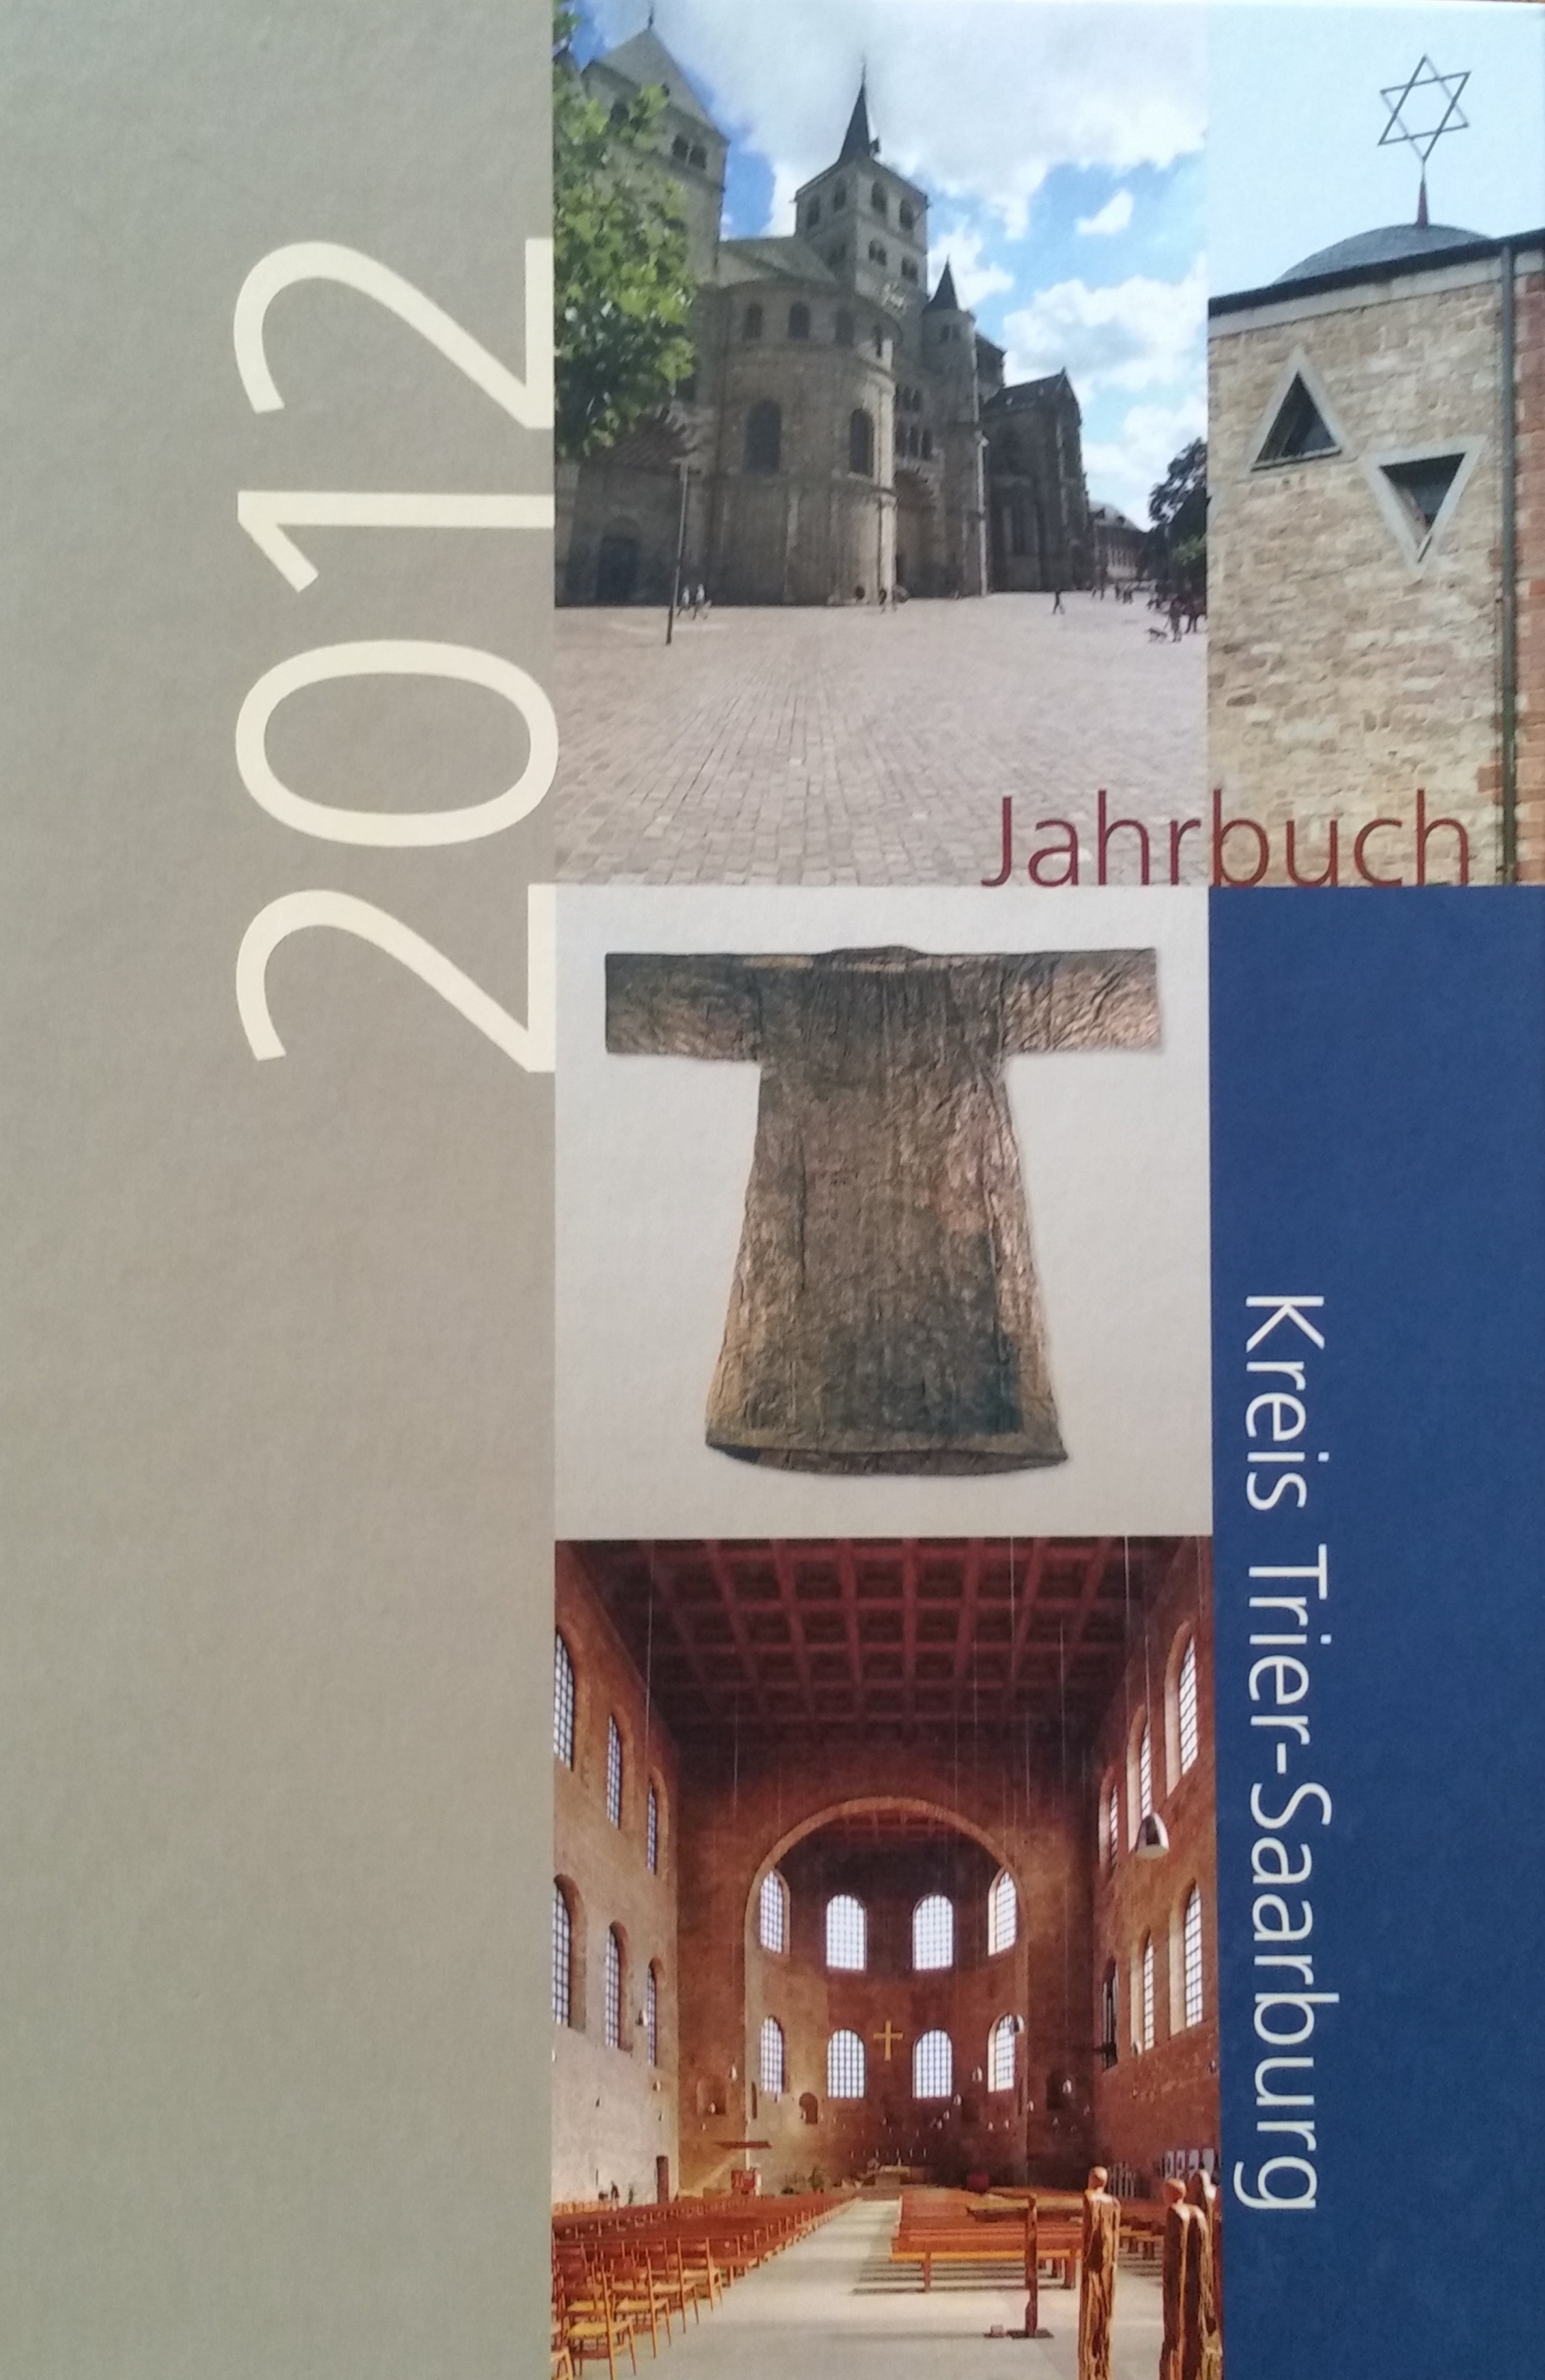 Kreis Trier-Saarburg Jahrbuch2012 Bucheinband vorne